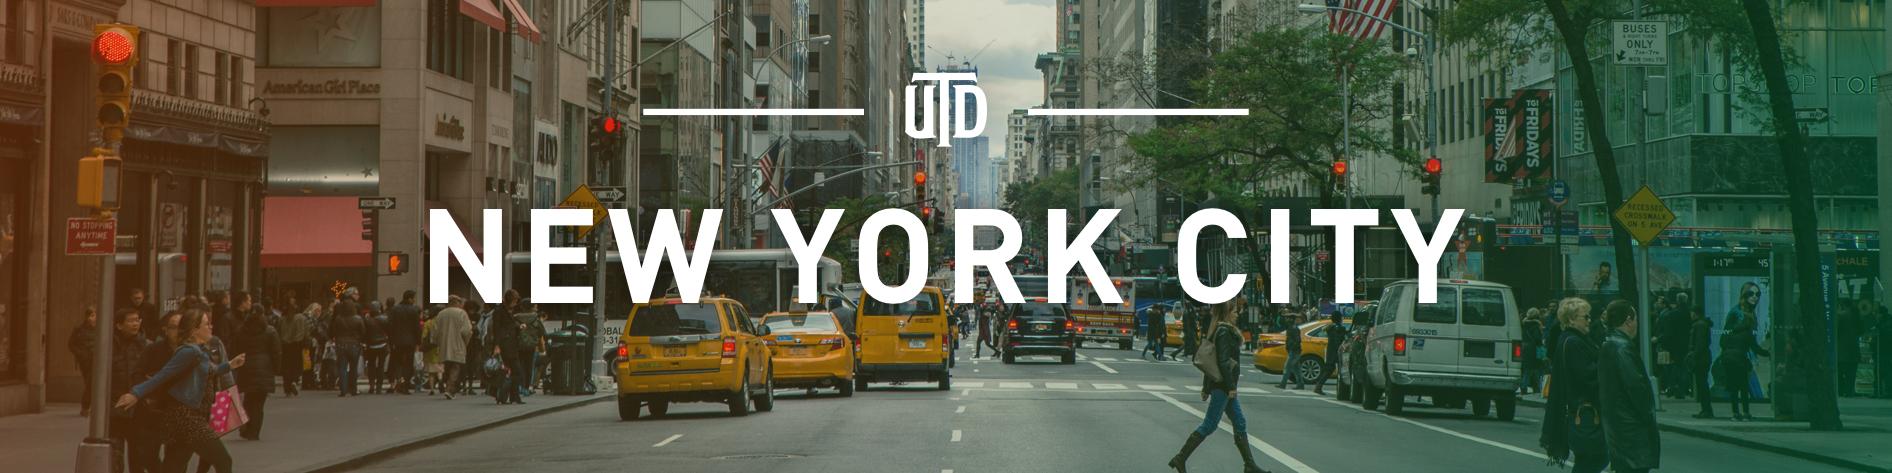 UTD in New York City